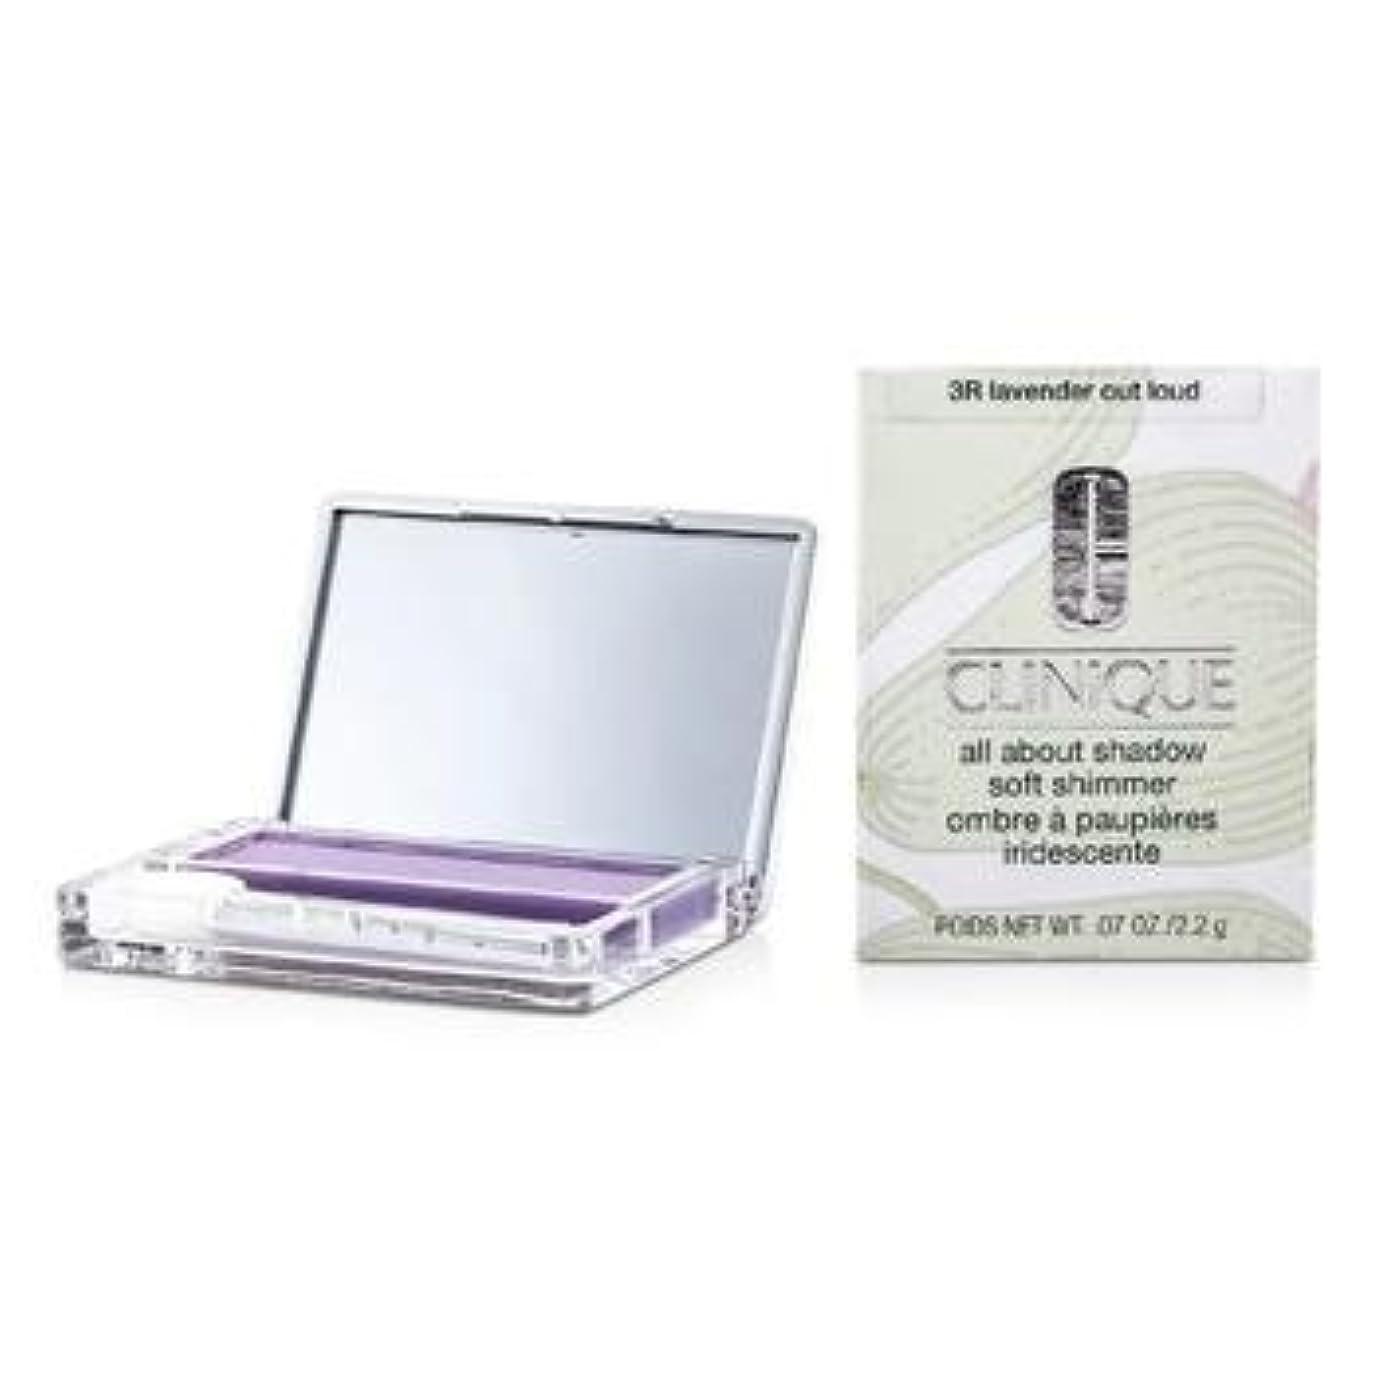 静けさ増加するロンドンクリニーク オールアバウト アイシャドウ- # 3R Lavender Out Loud (ソフトシマー) 2.2g/0.07oz並行輸入品